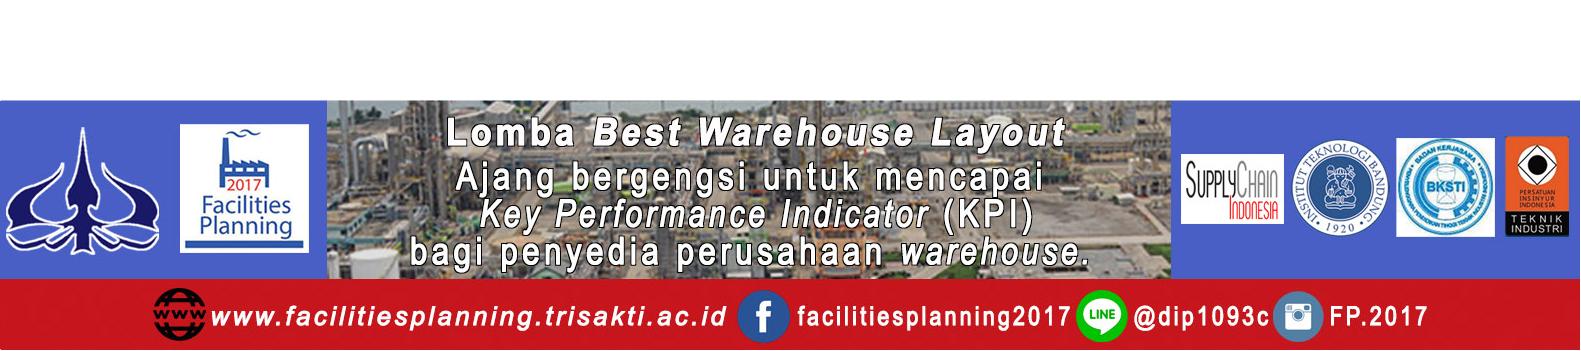 Best-Warehouse